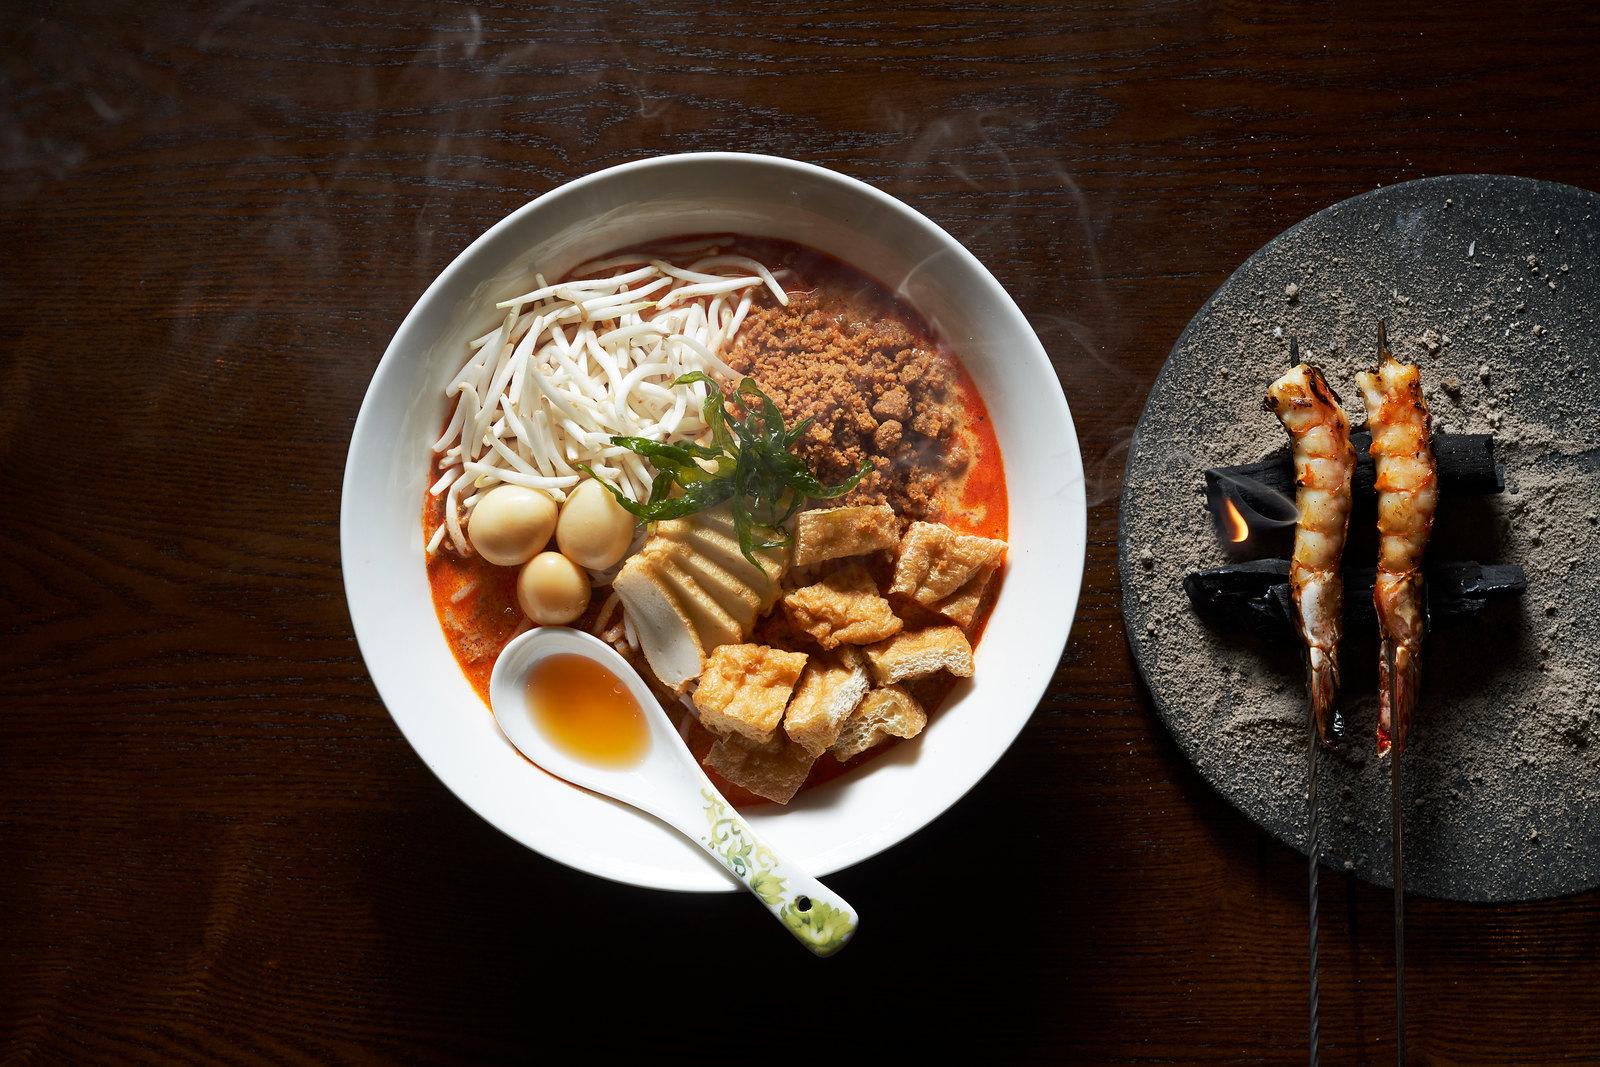 斯坦福德街15号,Alvin Leung - Laksa,烤对虾,熏鹌鹑蛋